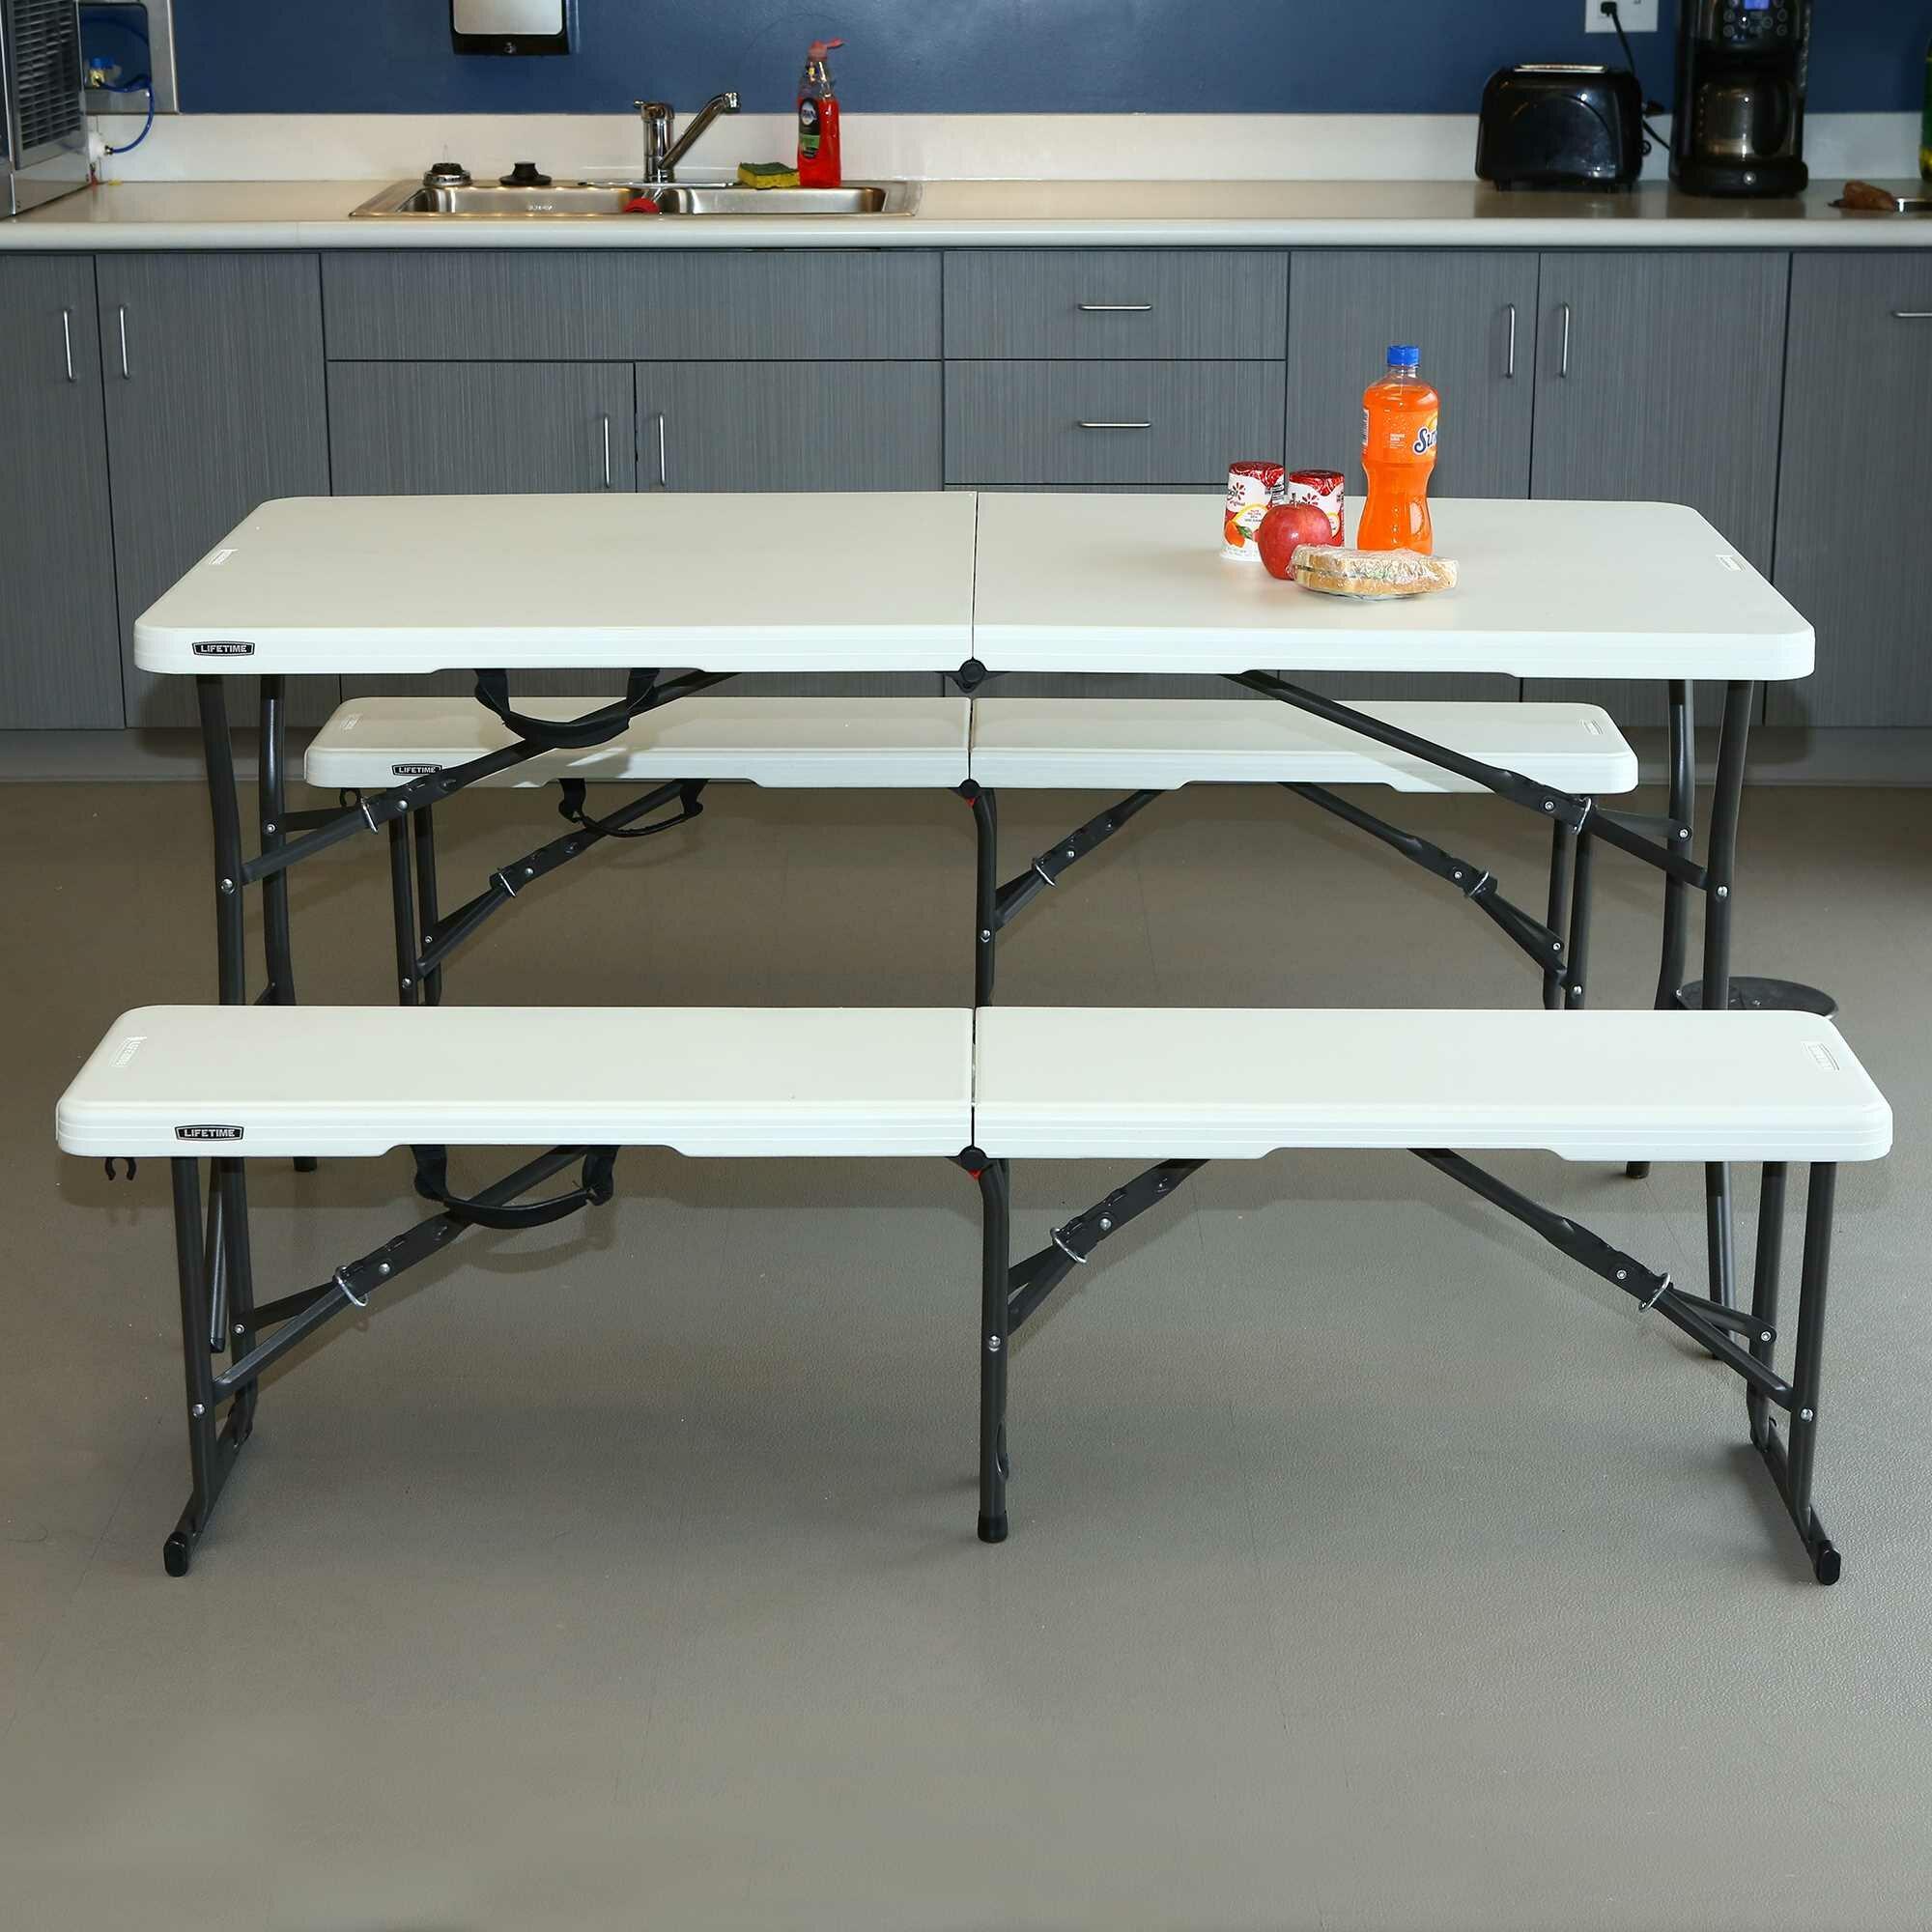 Tremendous 3 Piece 60 Rectangular Folding Table Set Pabps2019 Chair Design Images Pabps2019Com